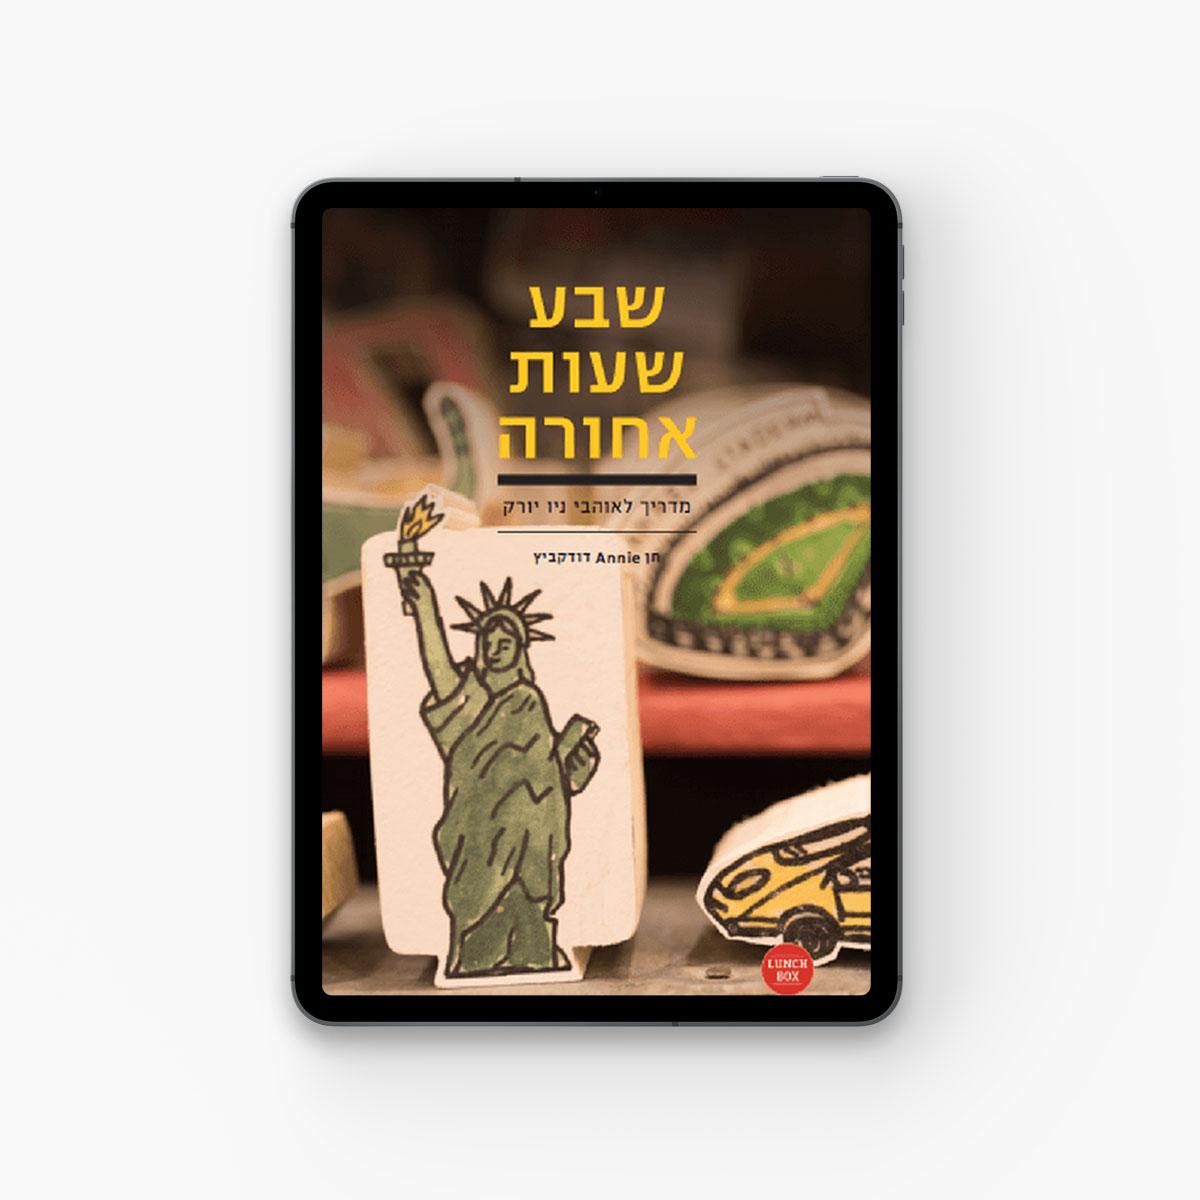 שבע שעות אחורה, המדריך לאוהבי ניו יורק, ספר דיגיטלי